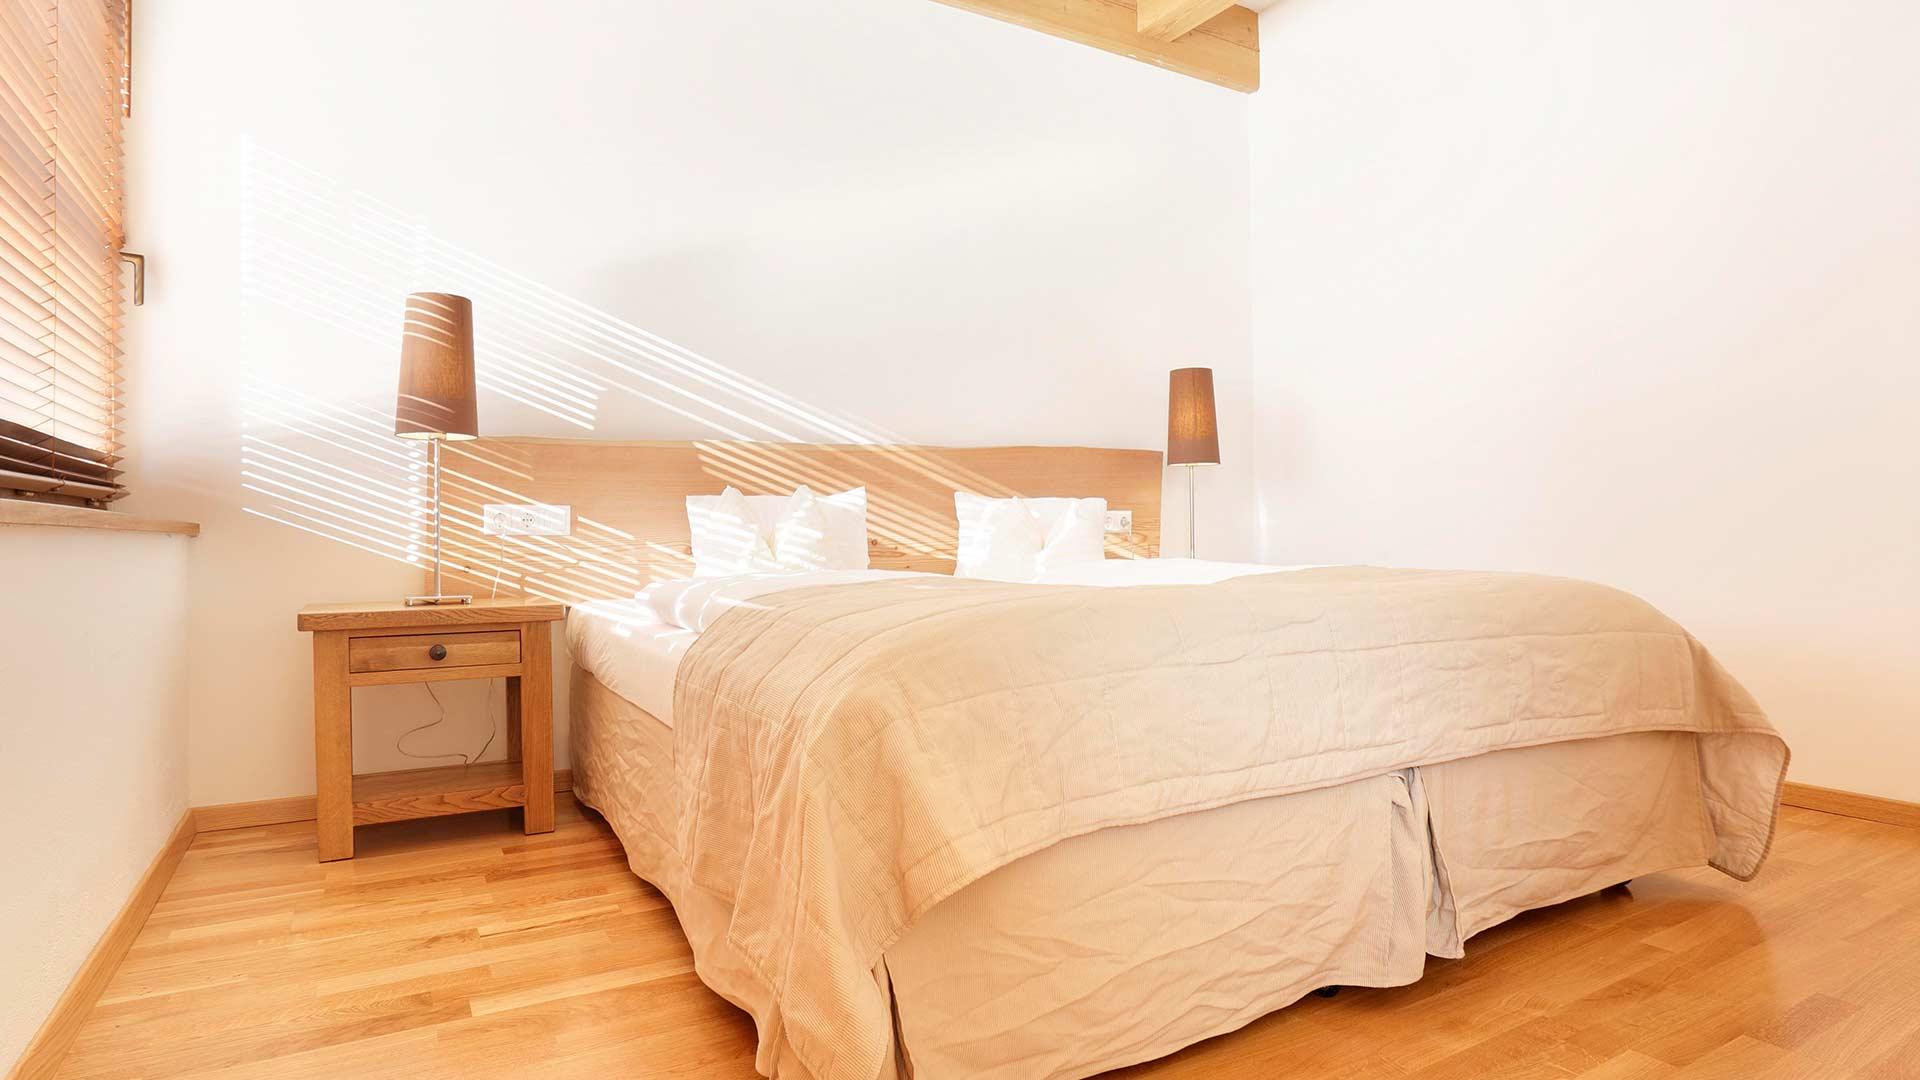 Appartement 2 - Schlafzimmer 1